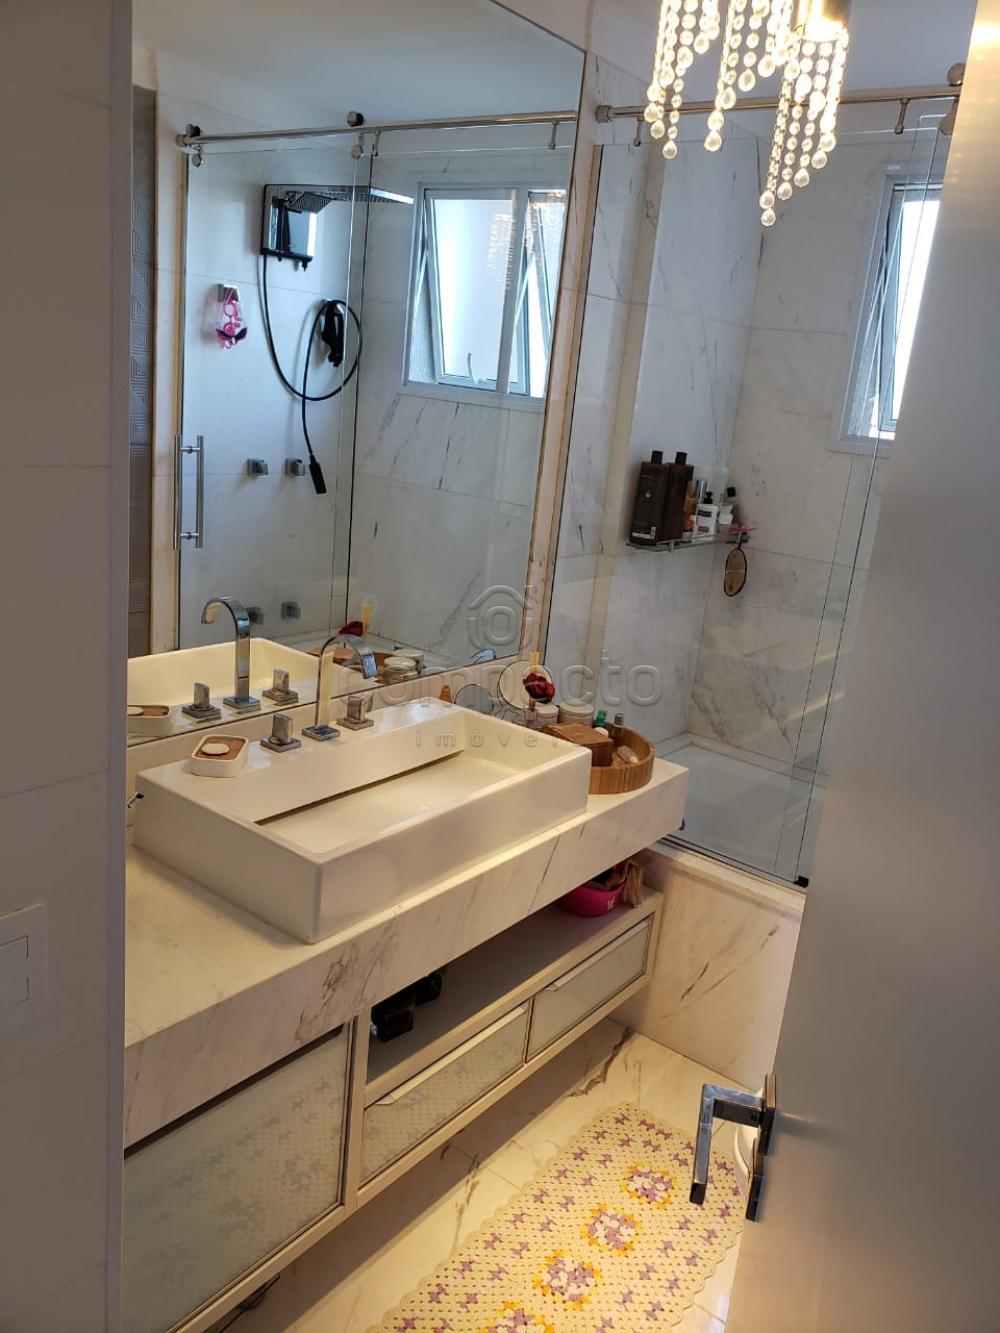 Comprar Apartamento / Padrão em São José do Rio Preto apenas R$ 1.500.000,00 - Foto 10